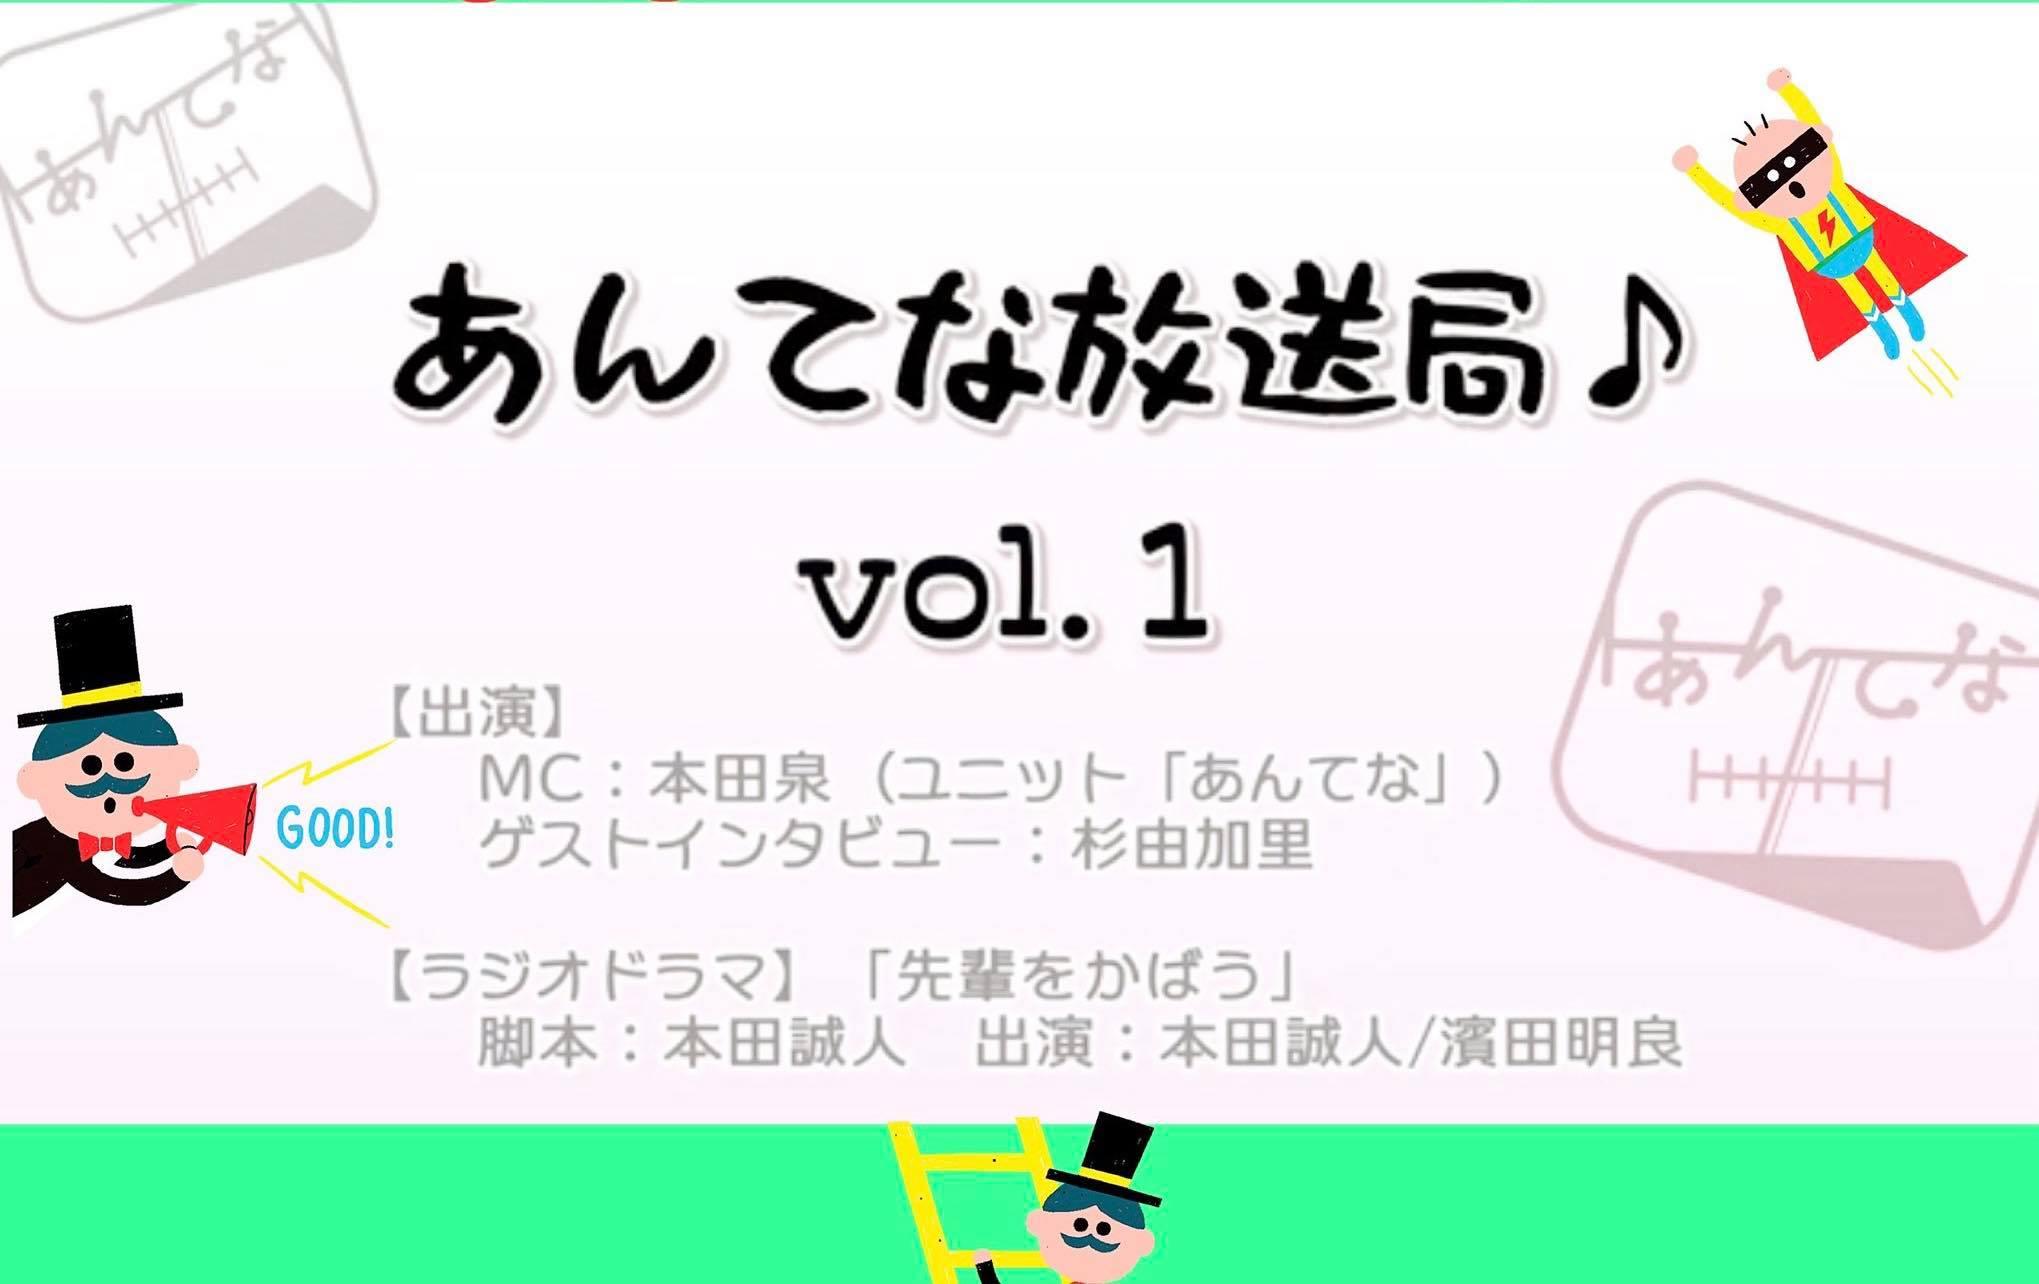 ラジオ『あんてな放送局vol.1』